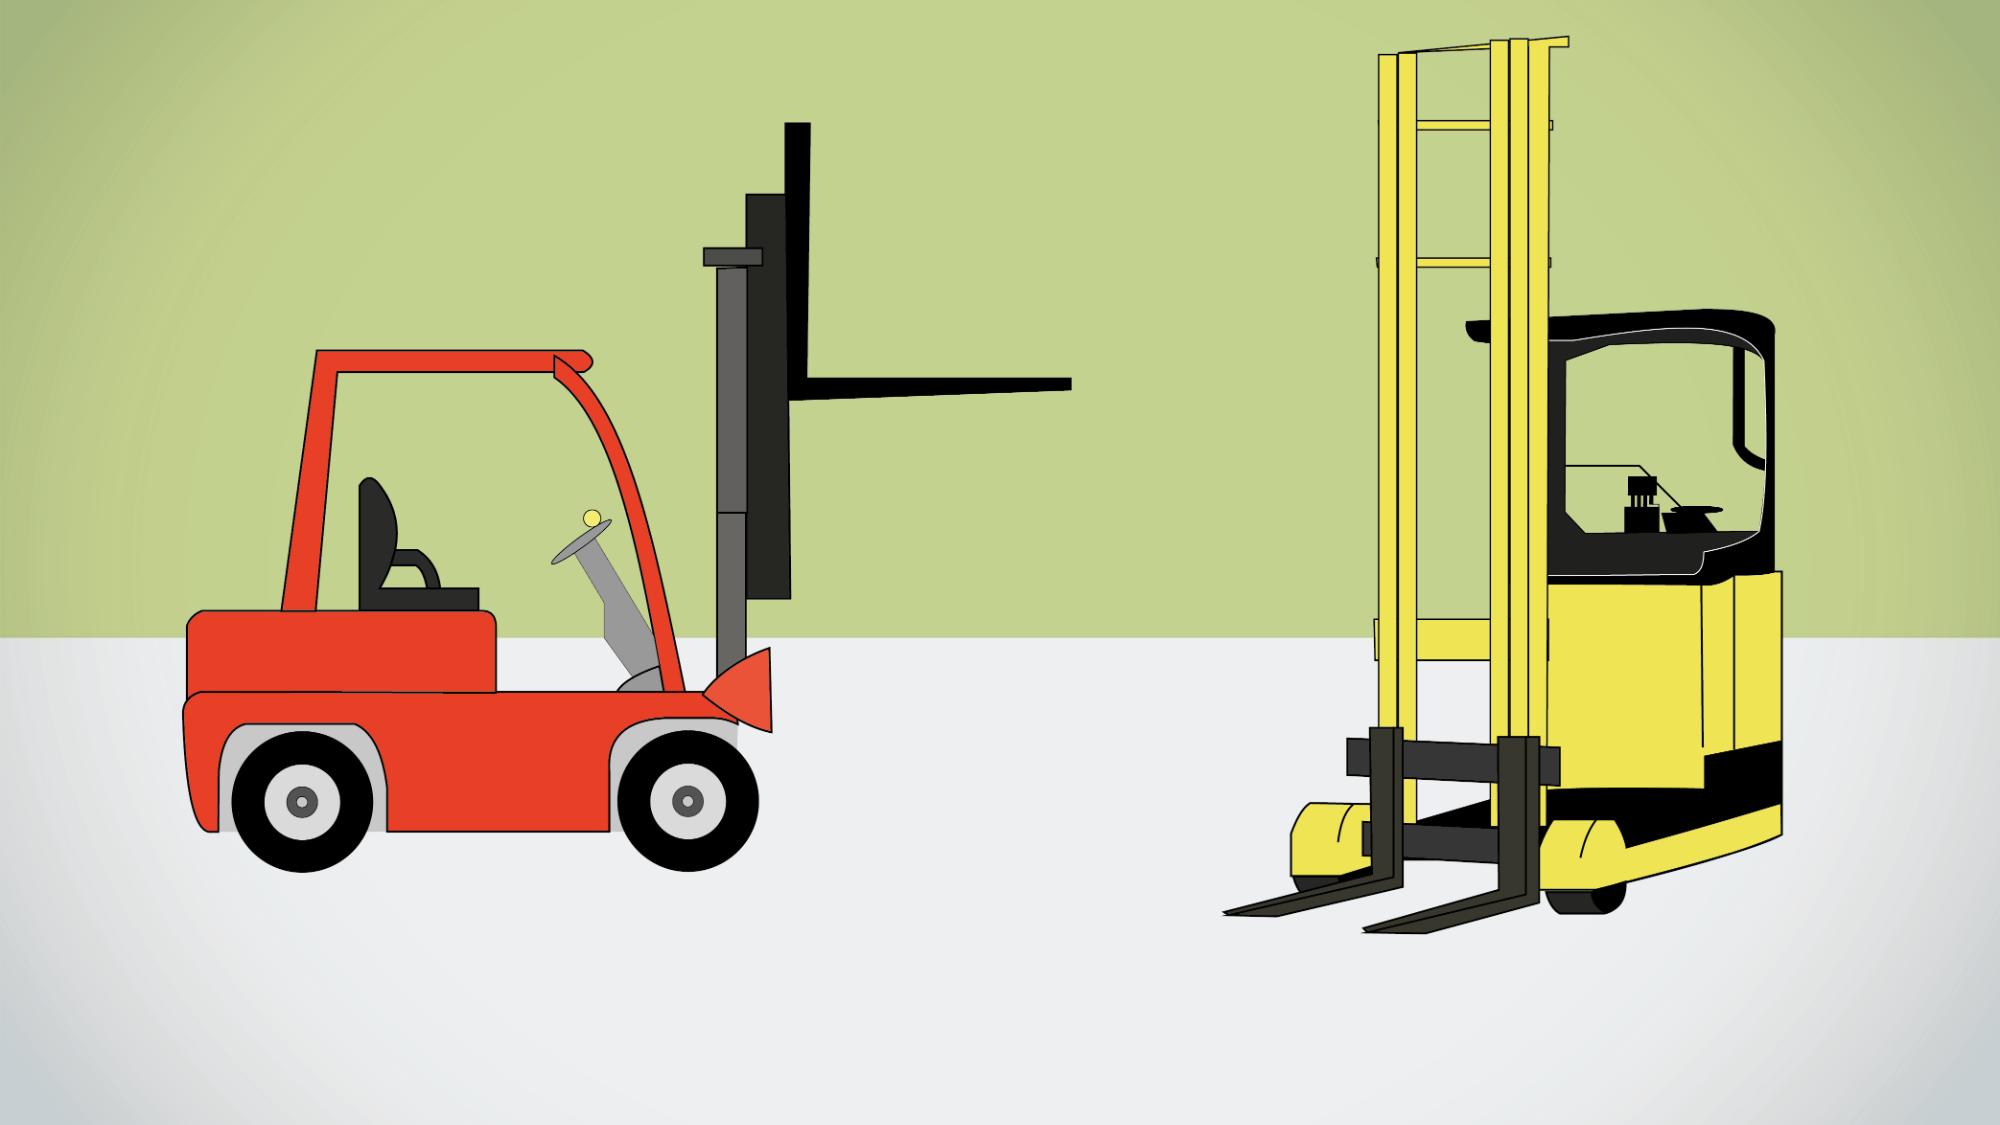 Représentation de la formation : Formation conduite en sécurité de chariots automoteurs